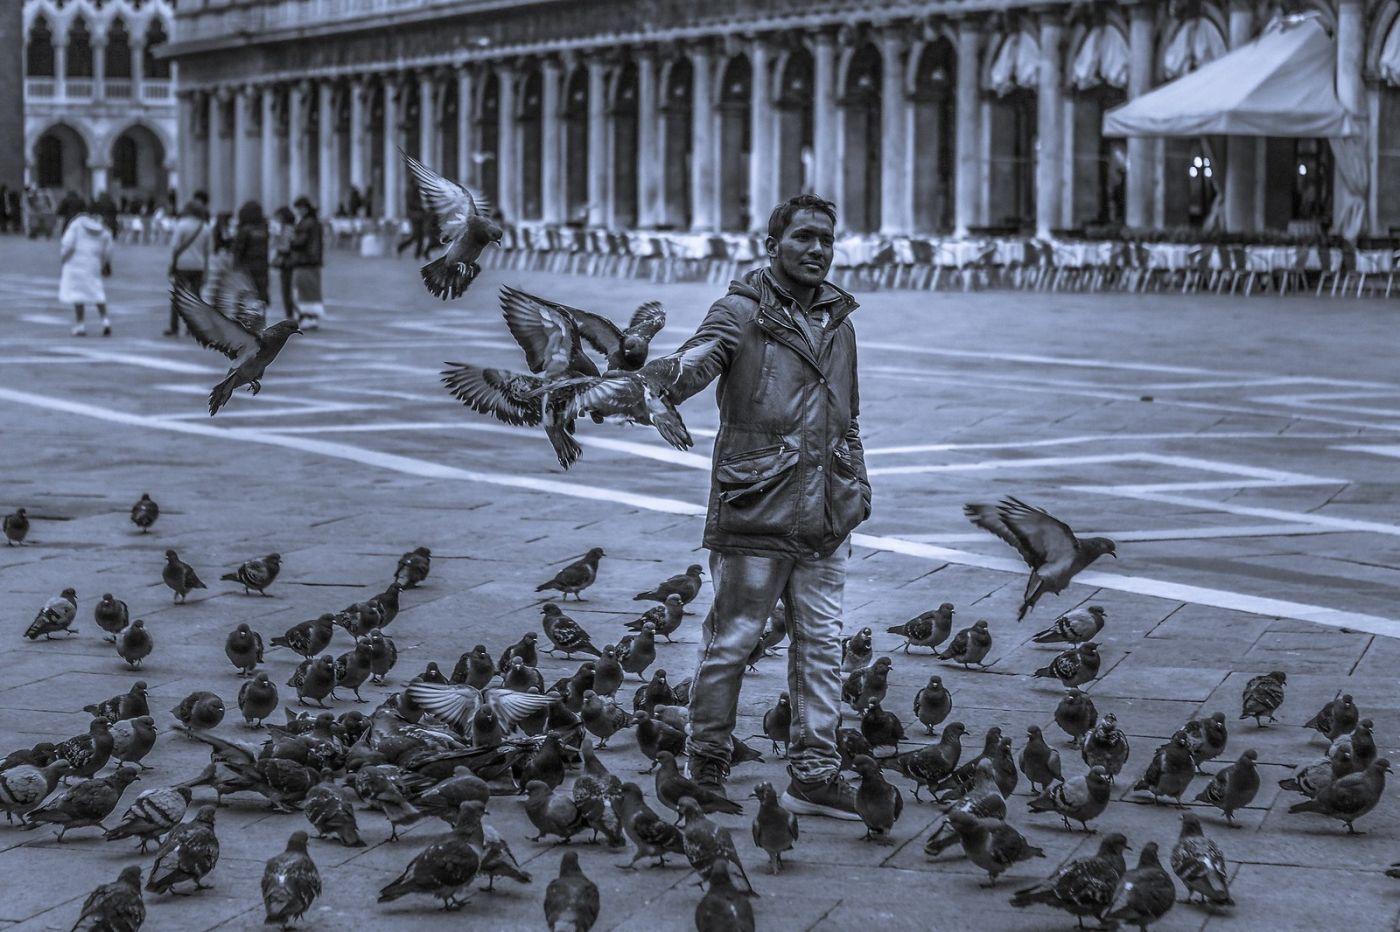 威尼斯圣马可广场(St Mark's Square), 独一无二_图1-33